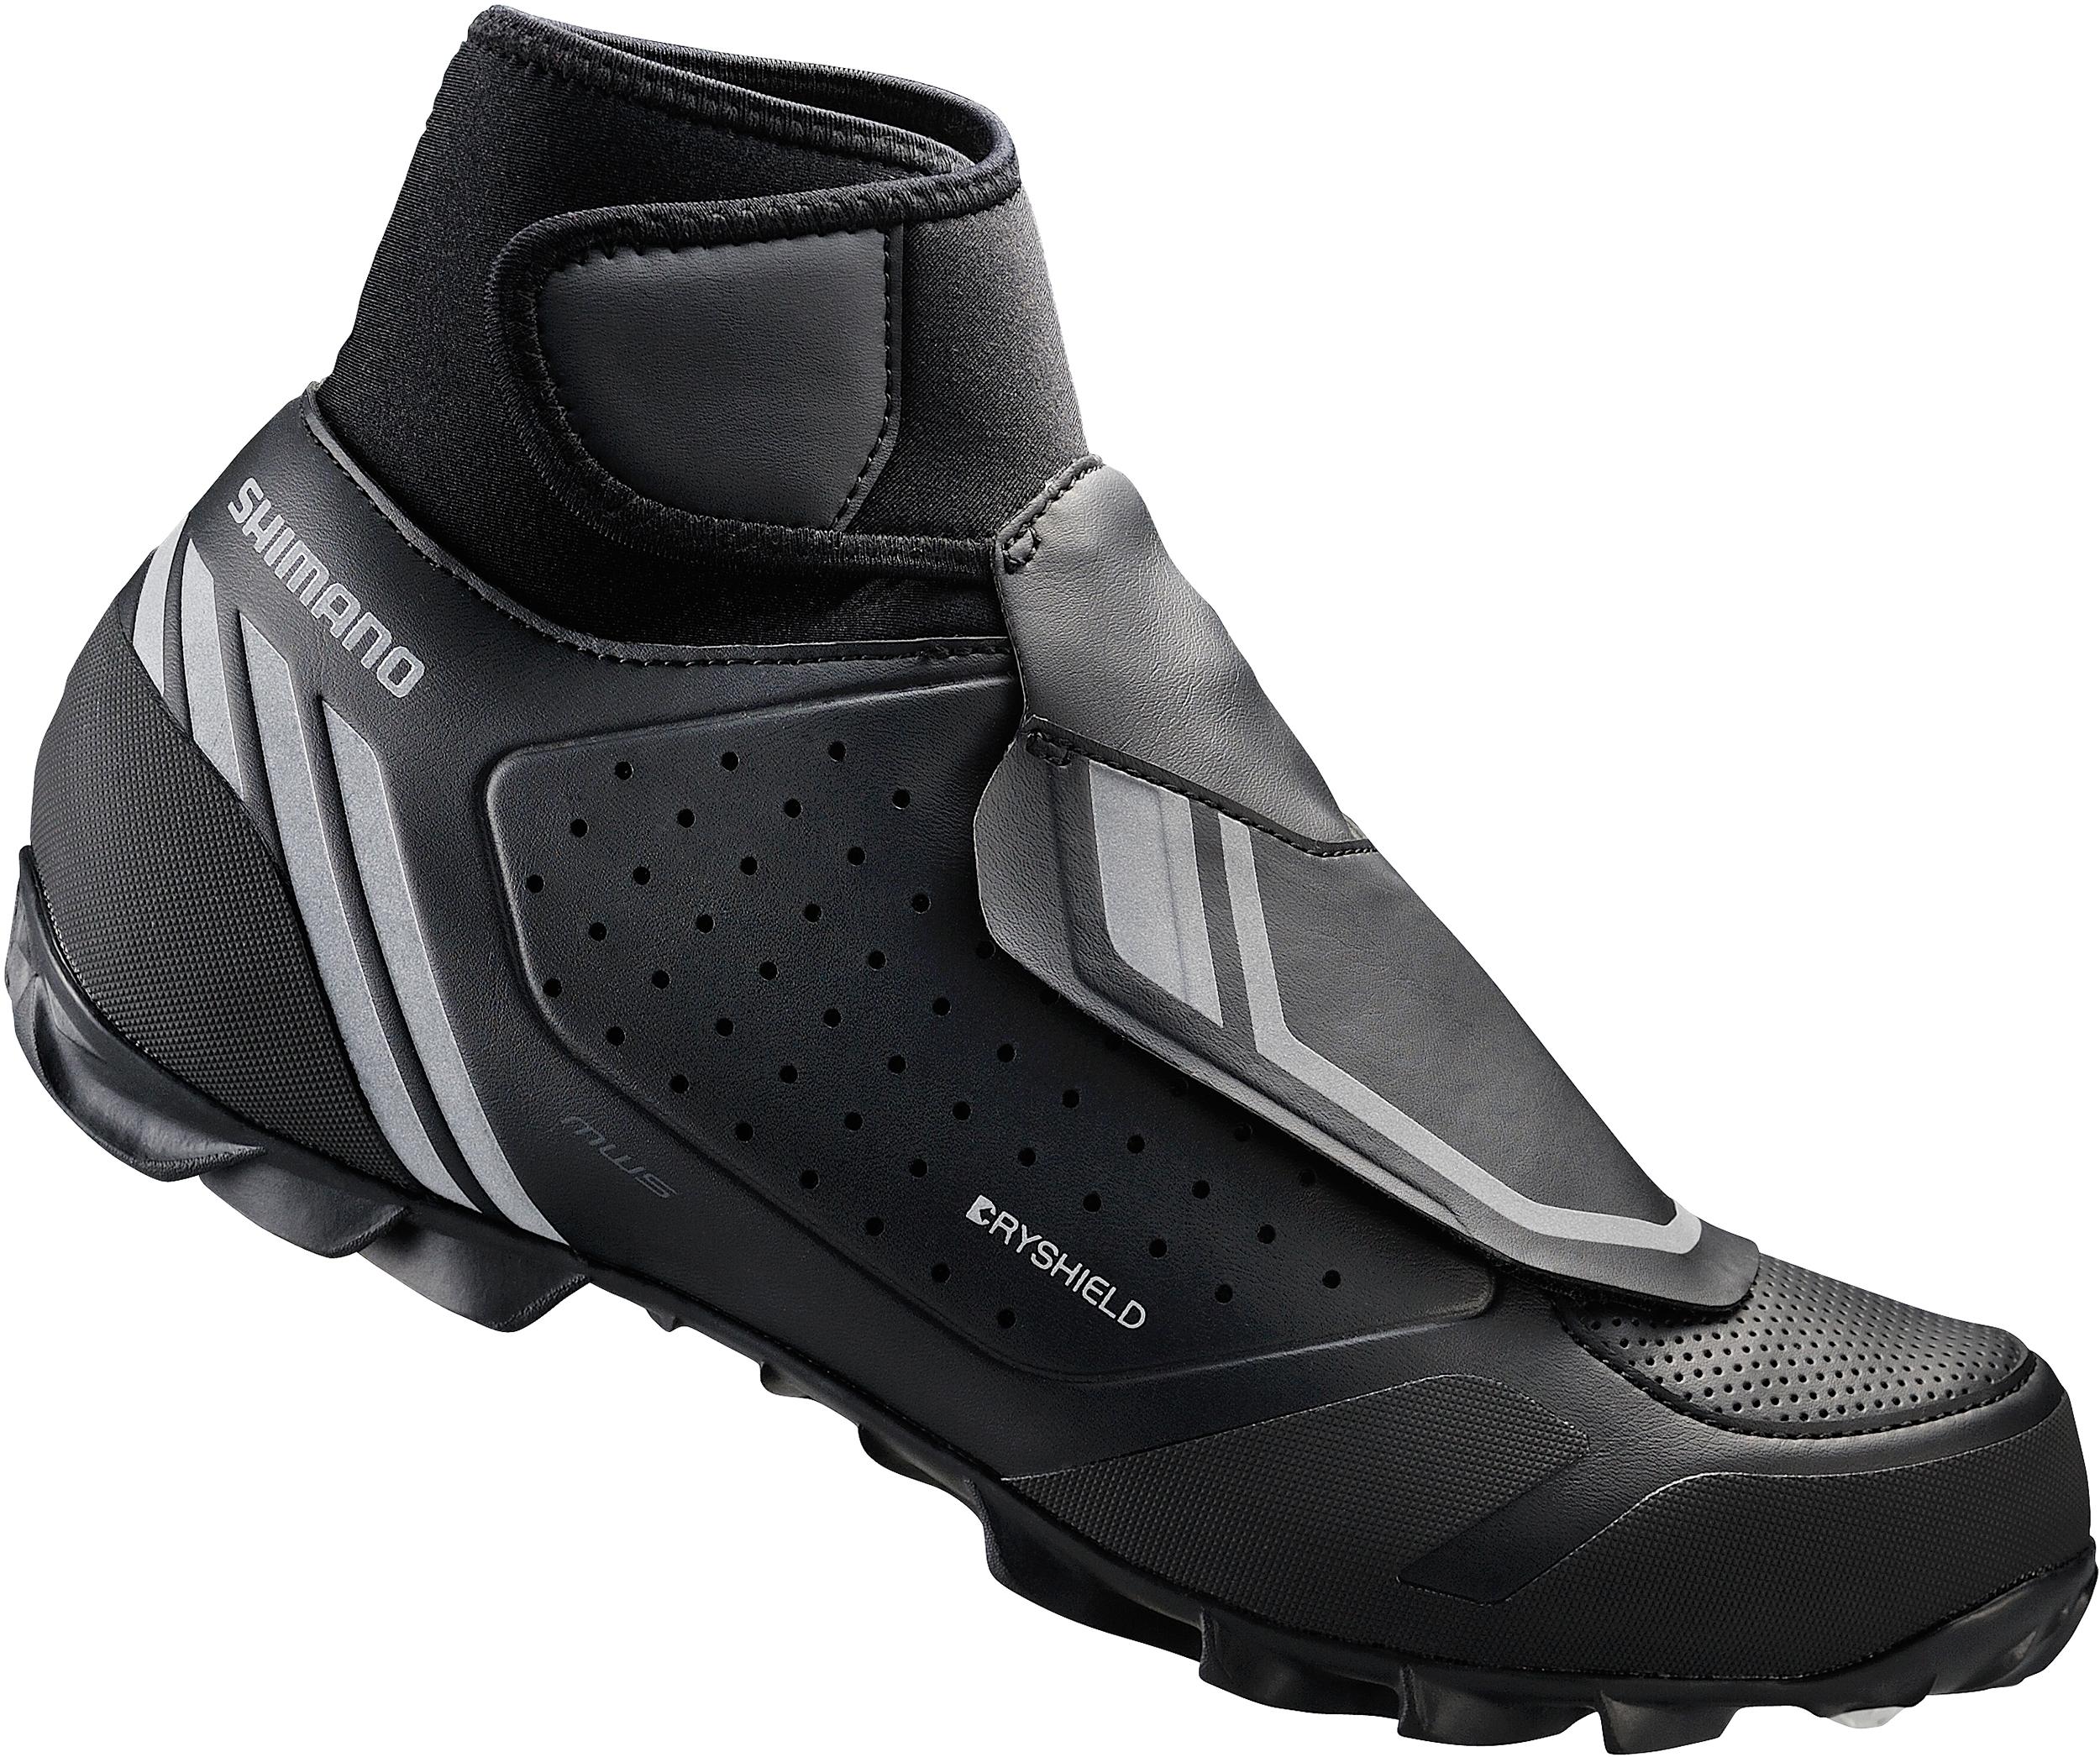 b435262e585 Cycling shoes